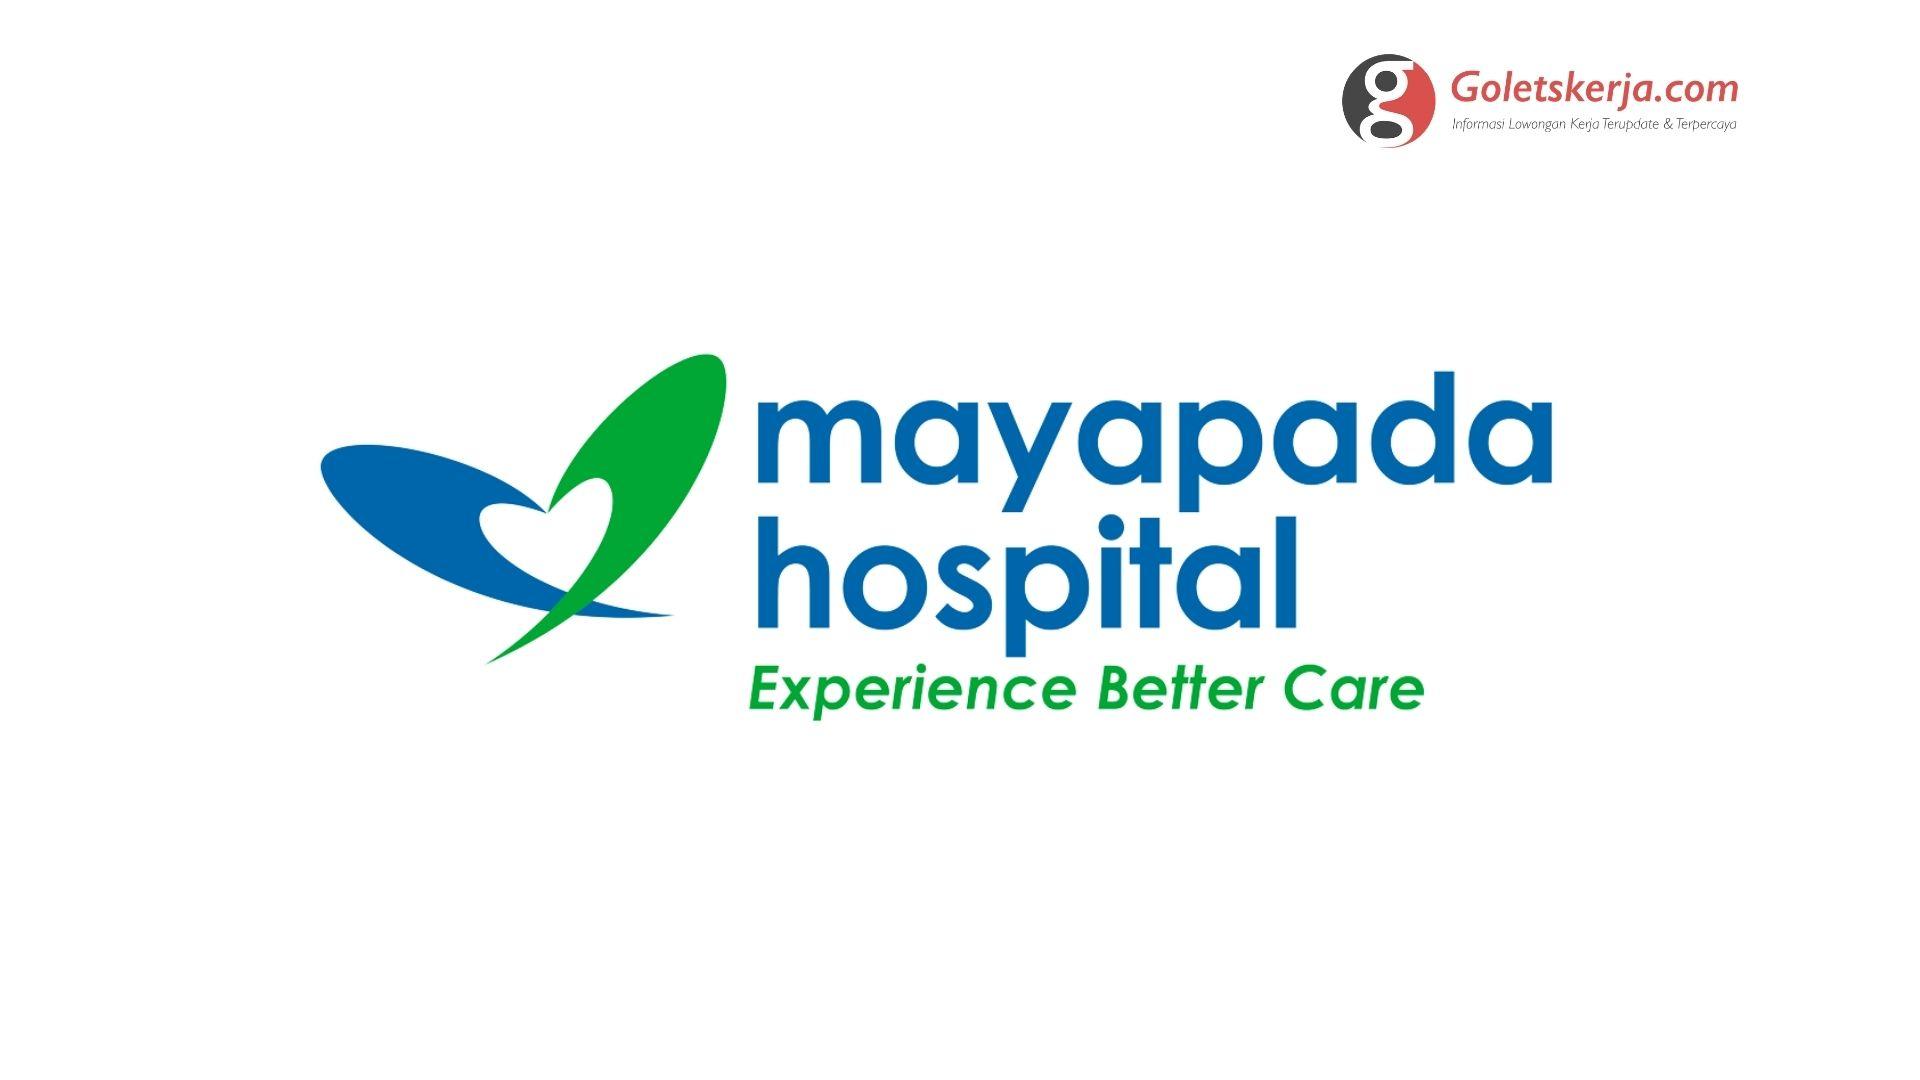 Lowongan Kerja Mayapada Hospital - Terbaru 2021